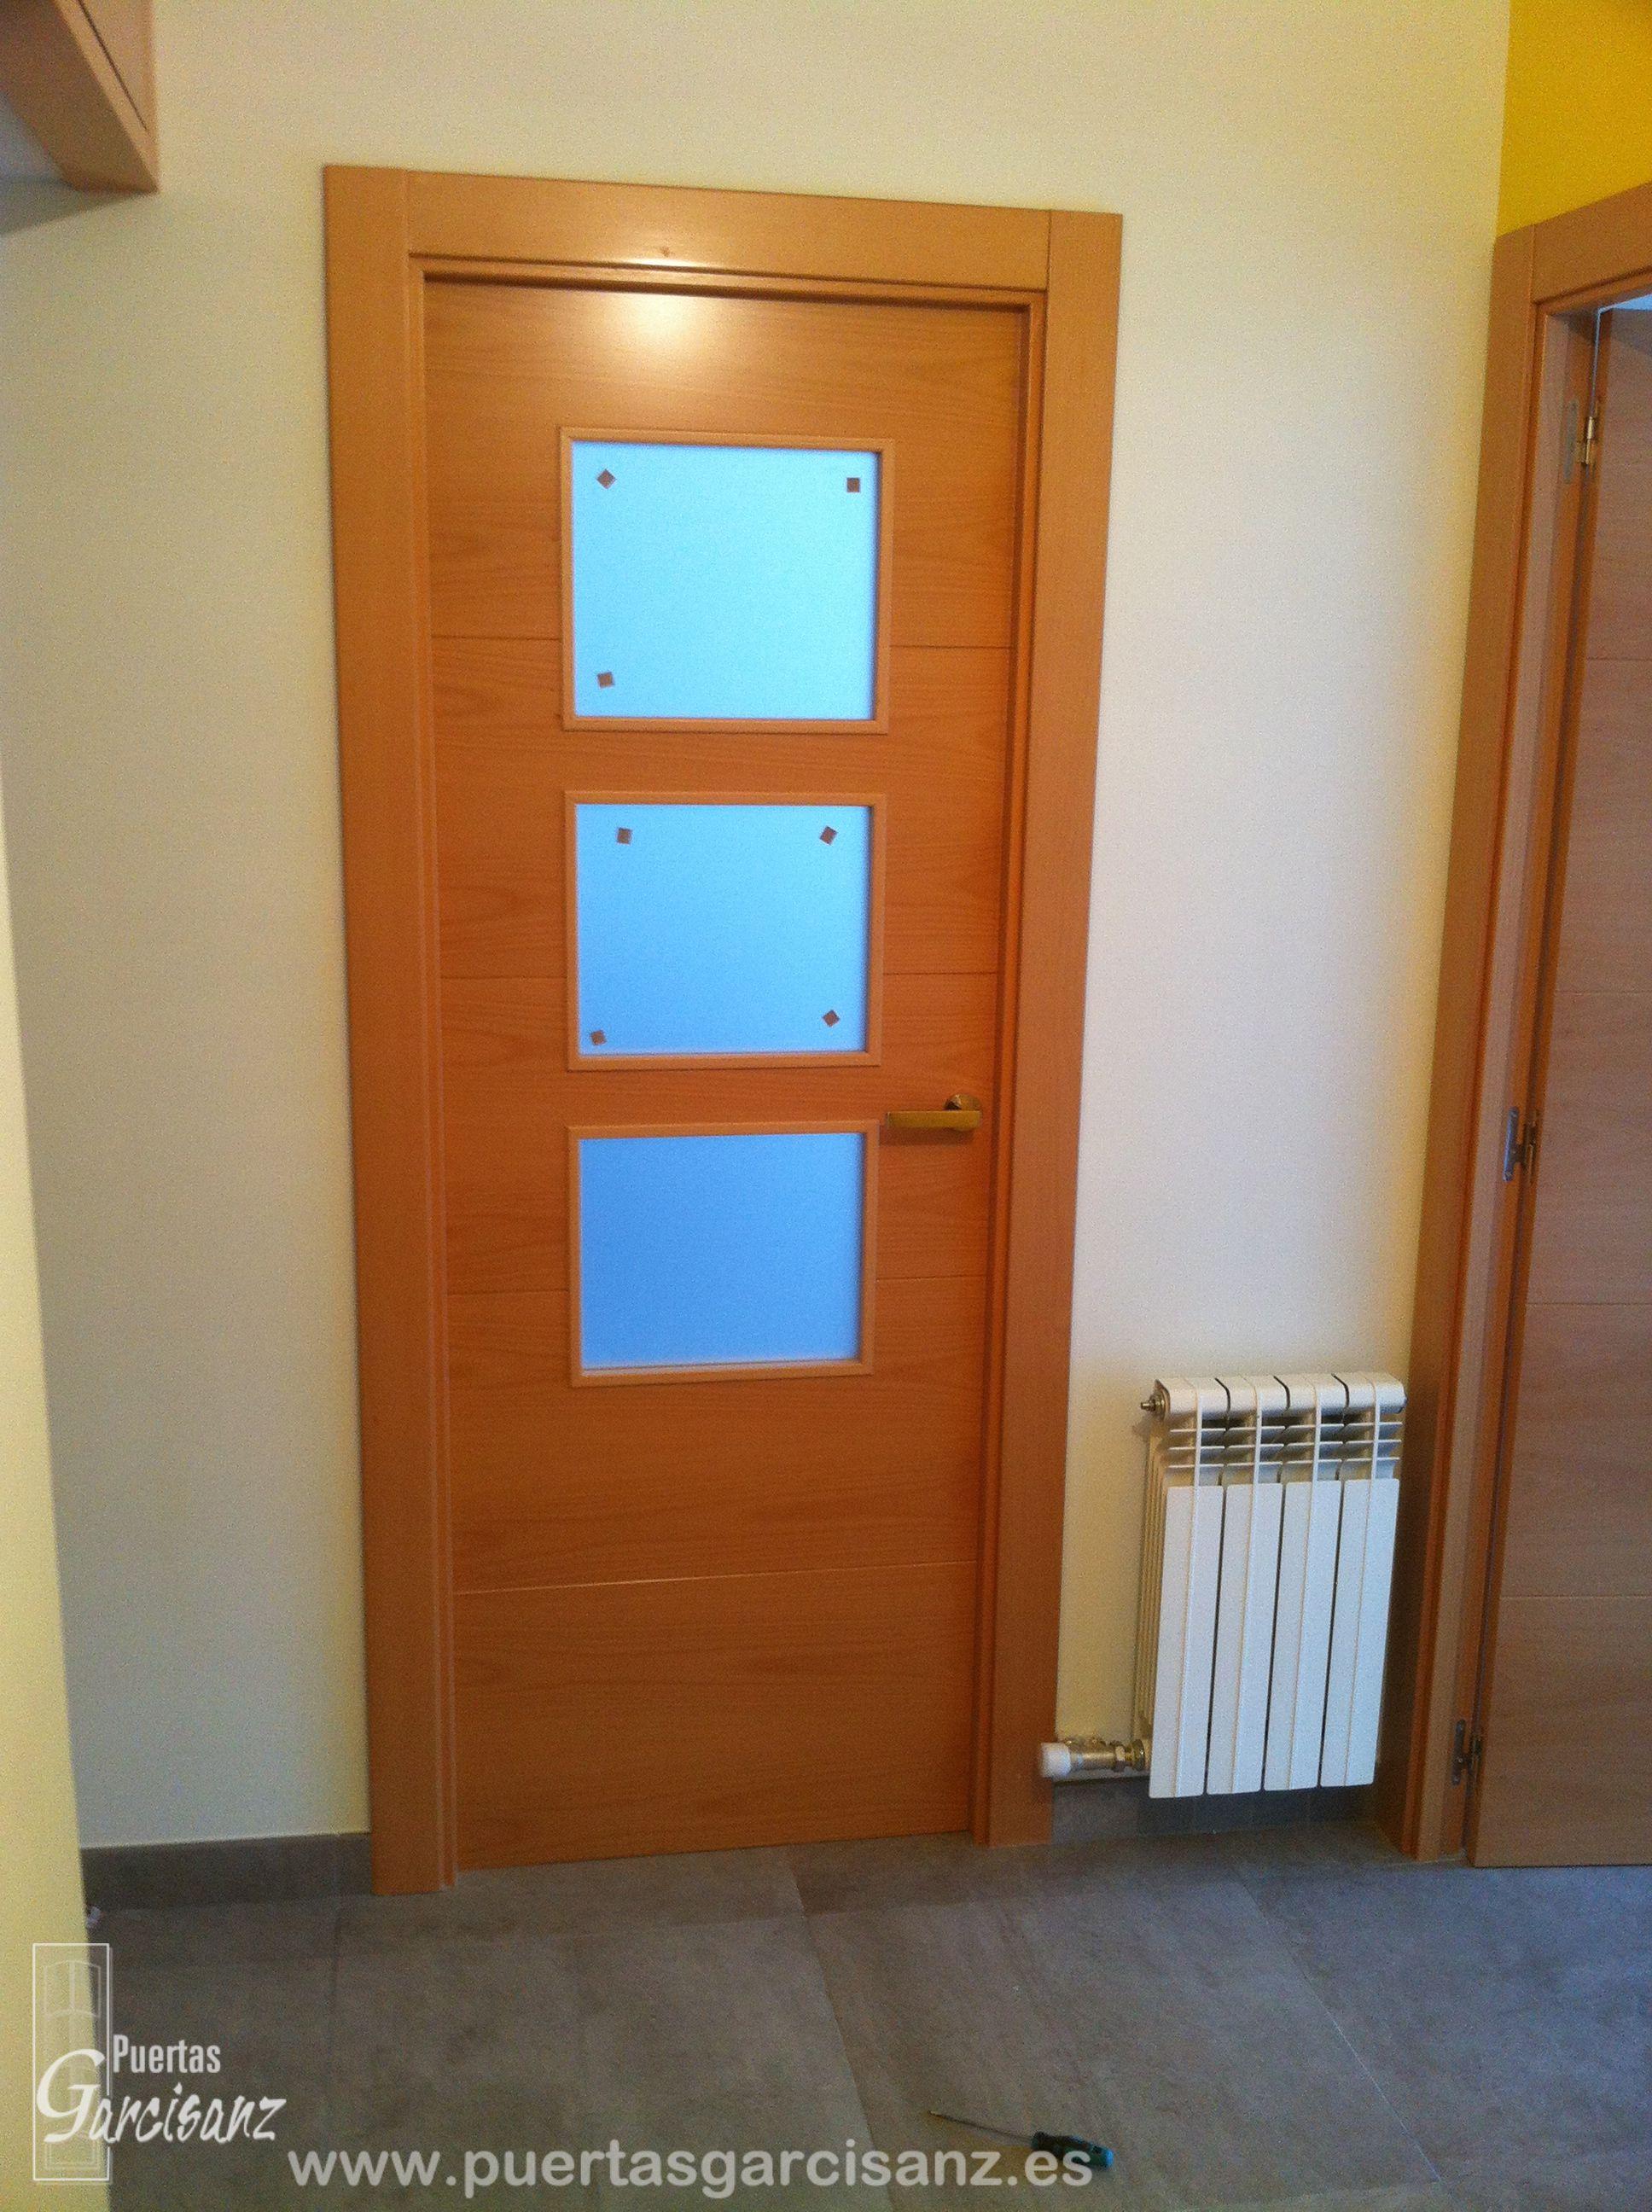 Puerta de interior vidriera de 3 vidrios en chapa de haya - Puertas de vidrio para interiores ...